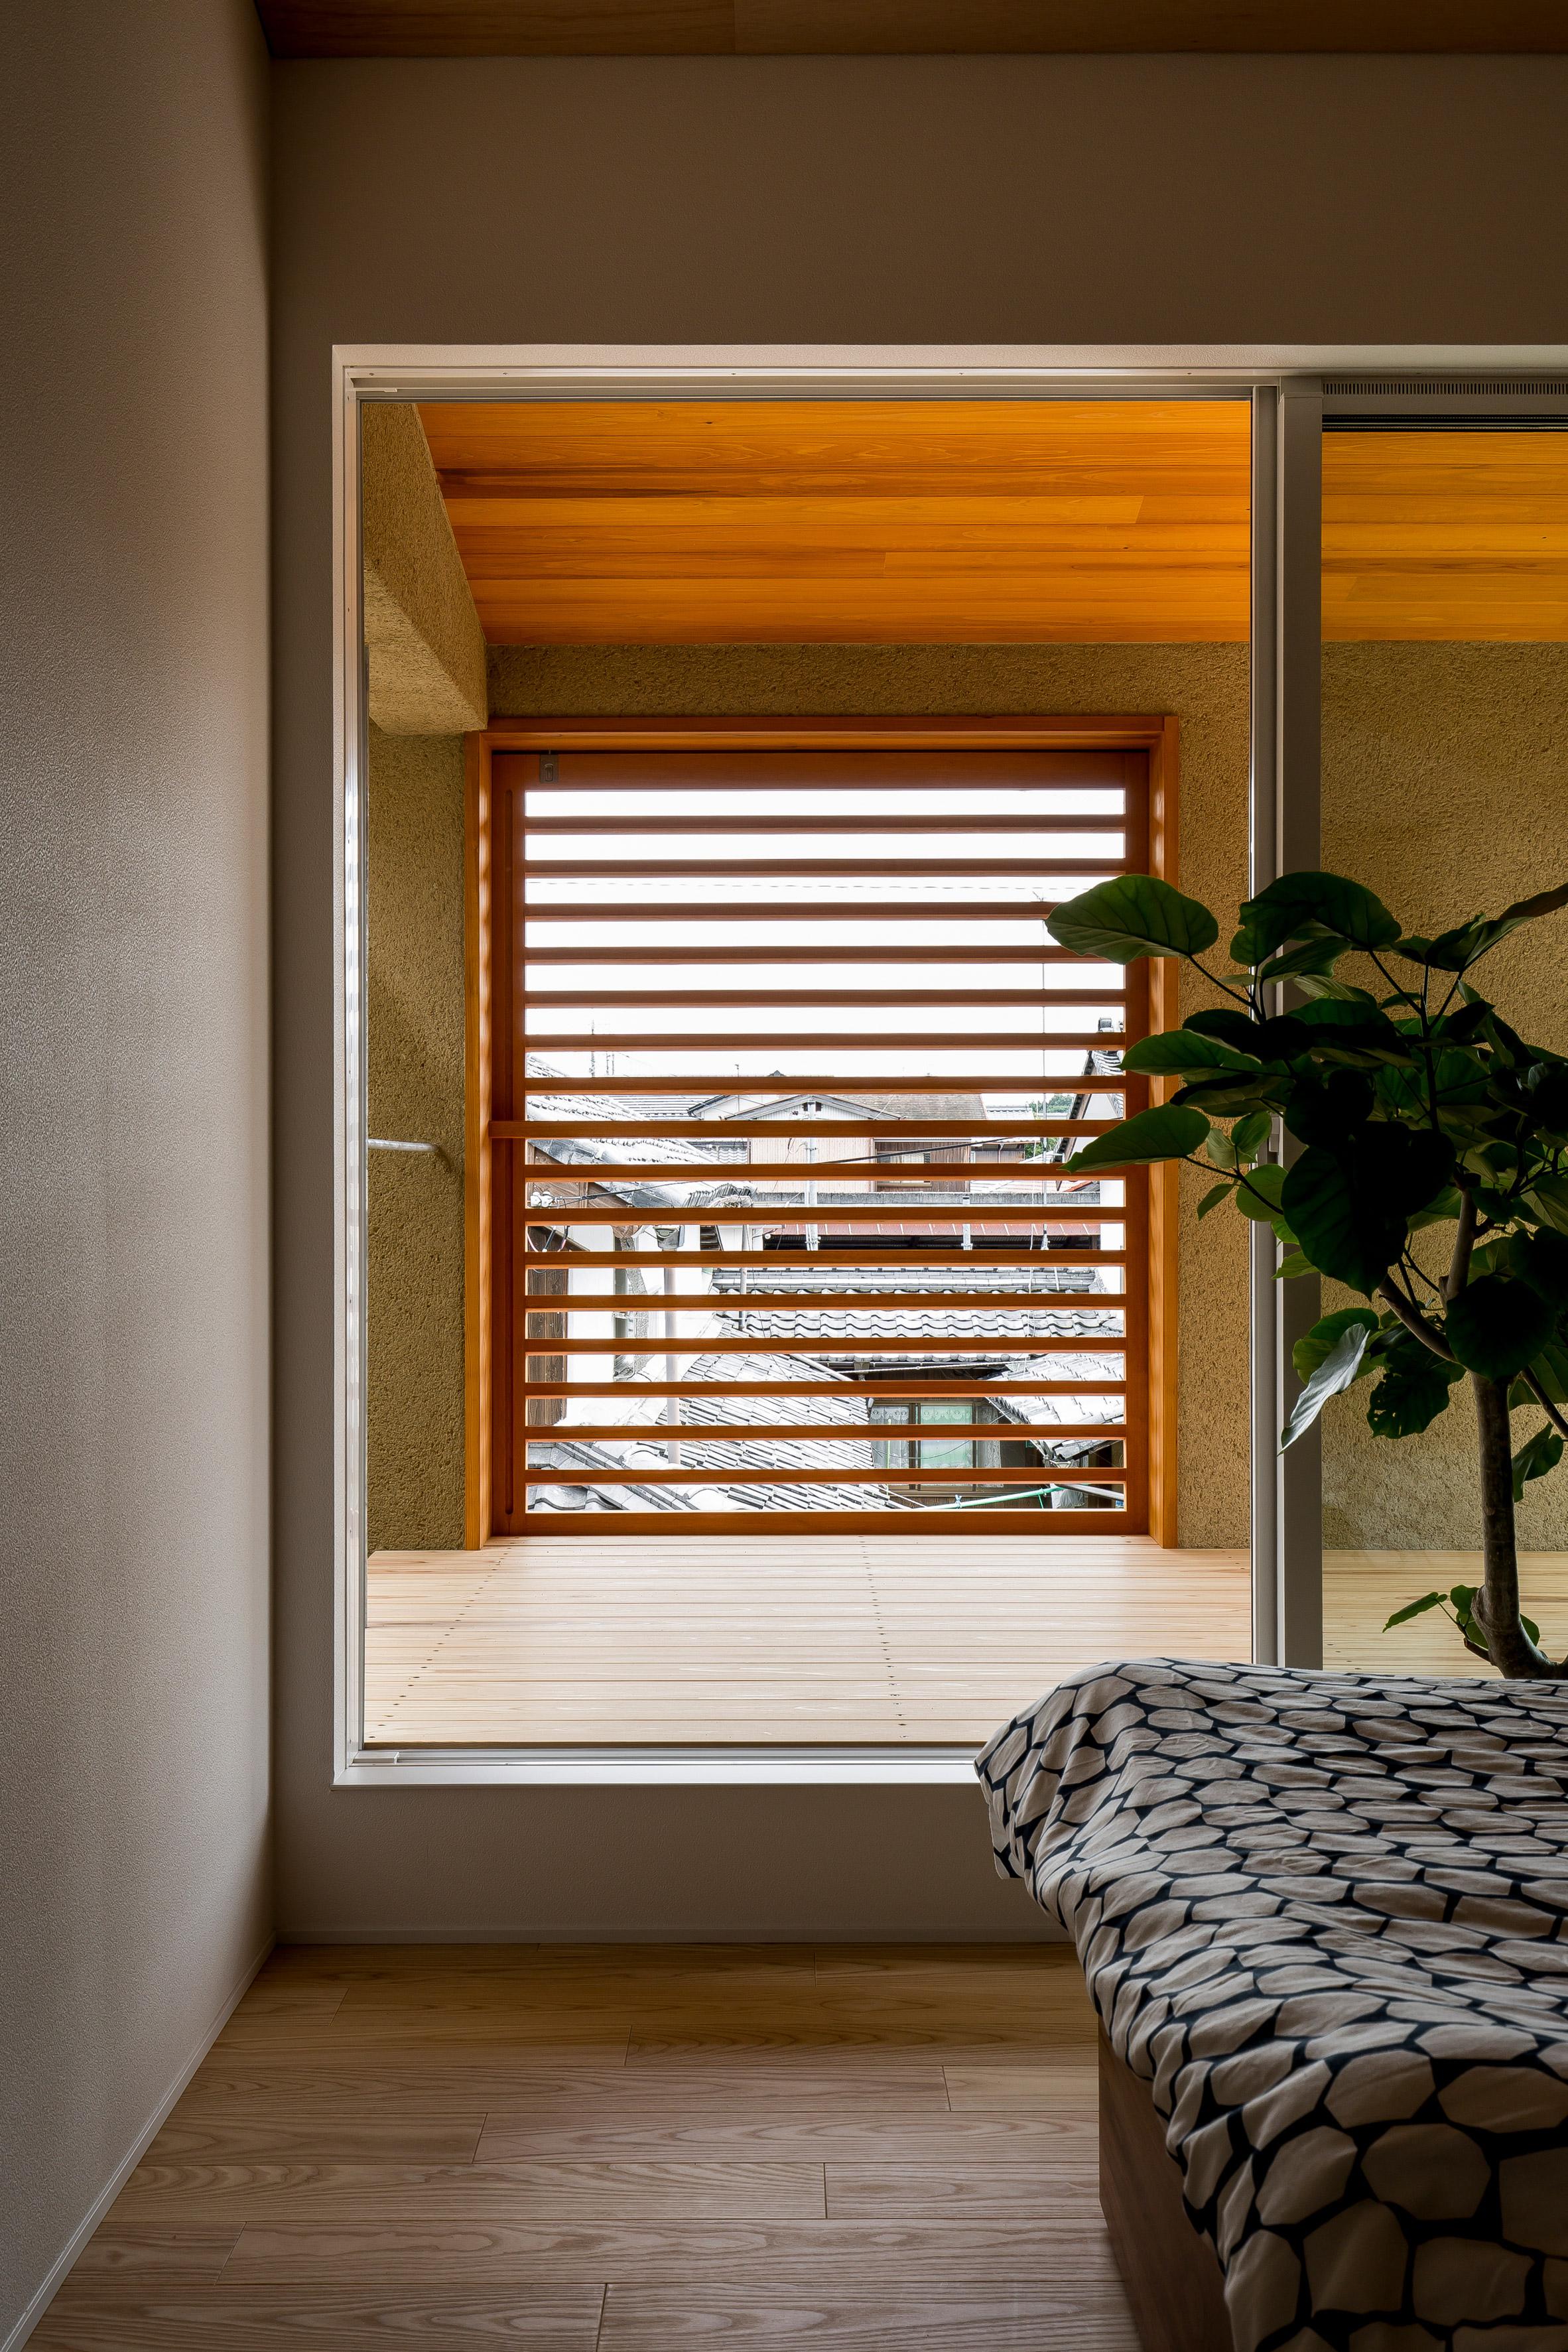 Ngôi nhà có khoảng sân vườn thiết kế nghệ thuật giúp từng góc nhỏ bên trong đều đẹp như tranh vẽ - Ảnh 10.